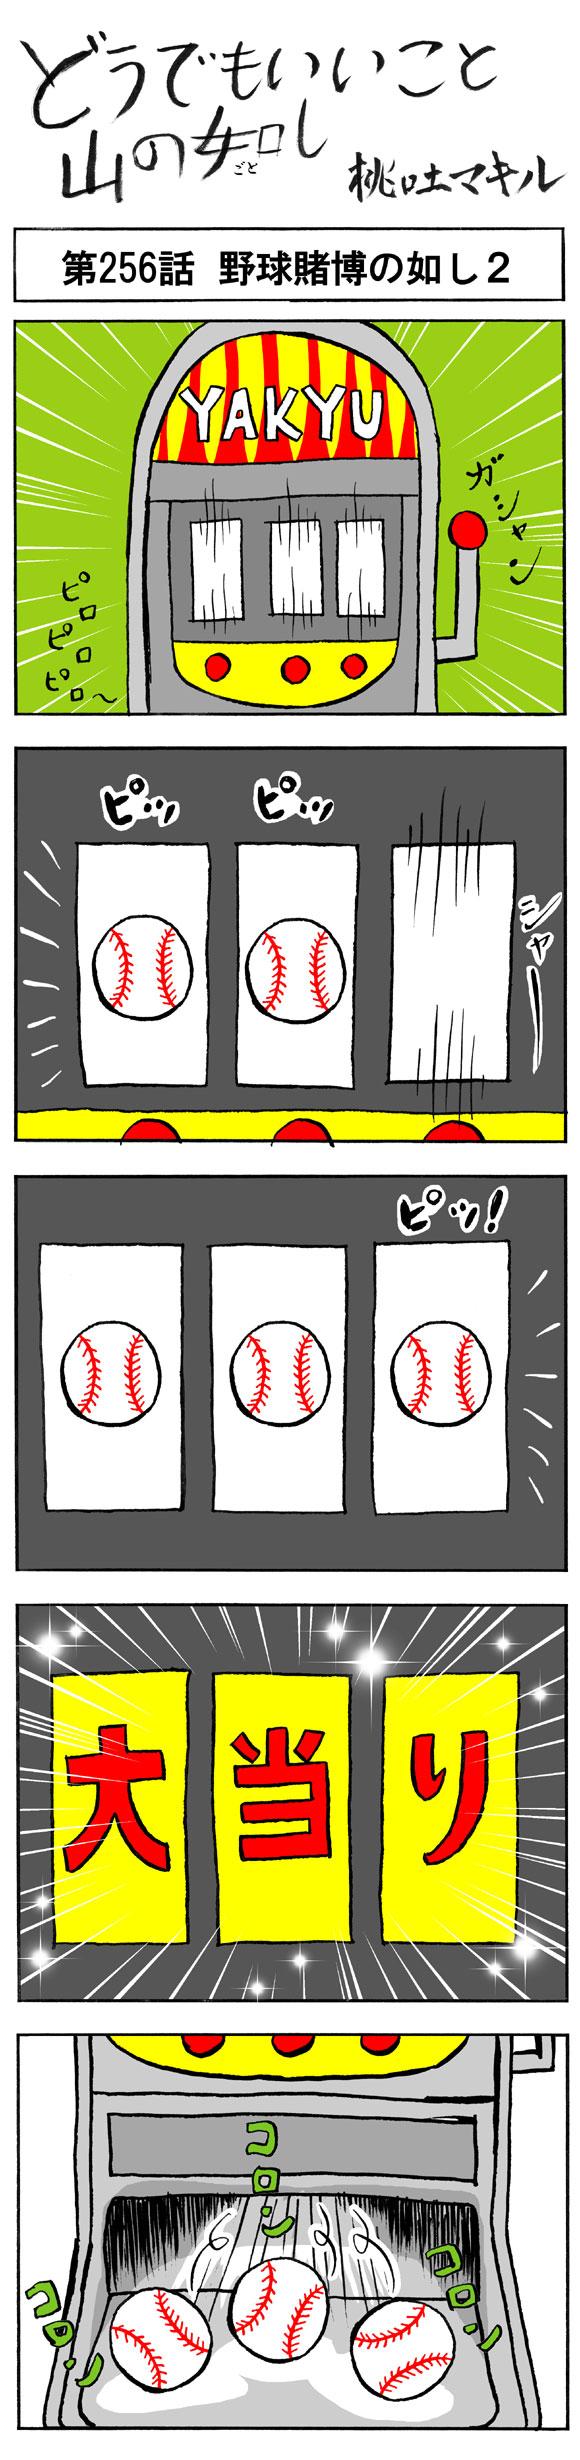 【まんが】どうでもいいこと山の如し「第256話:野球賭博の如し2」